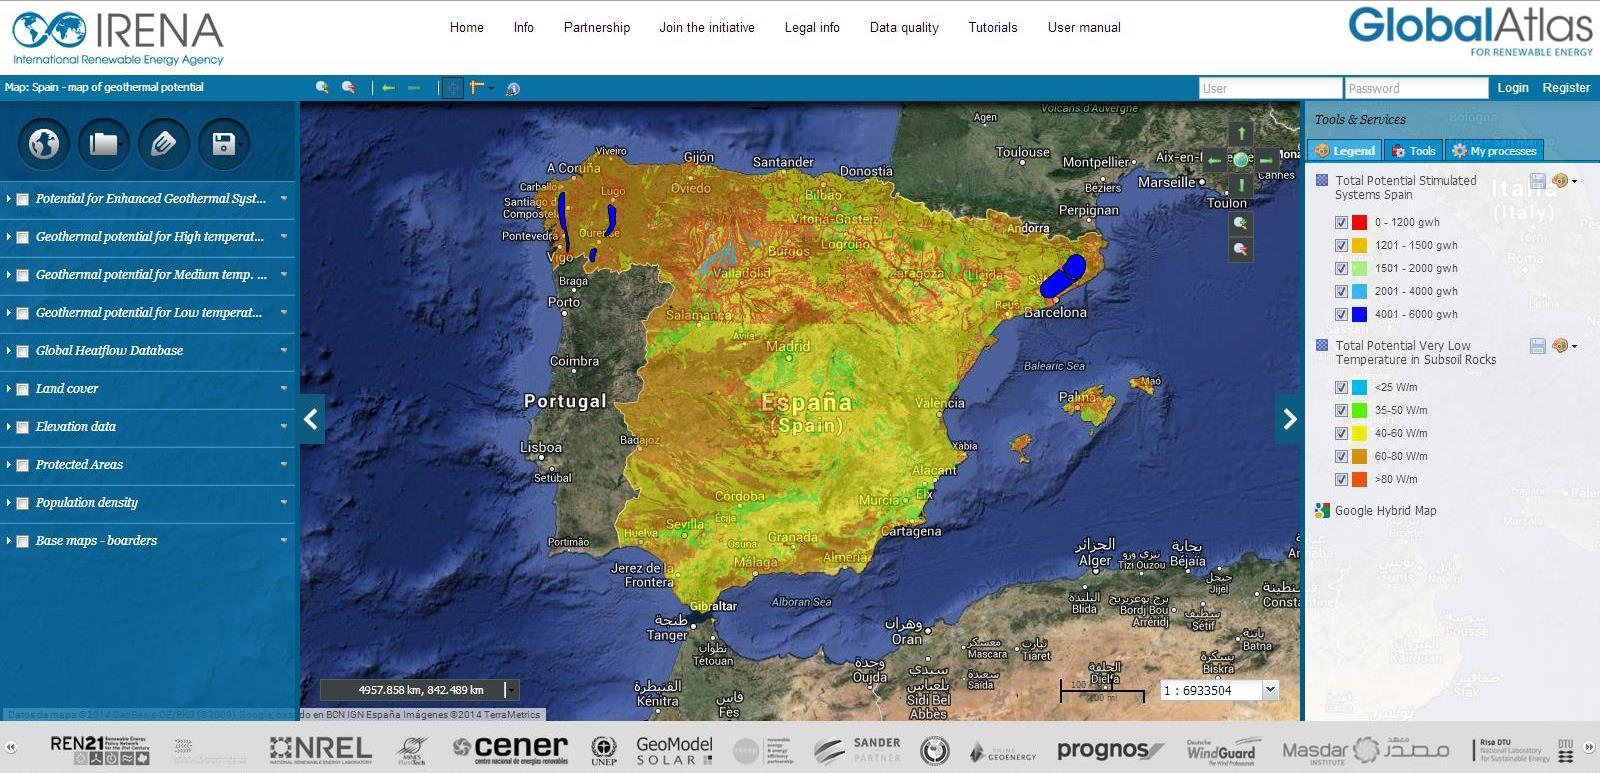 El Atlas Global de las Energías Renovables de IRENA incorpora datos sobre el potencial geotérmico en España